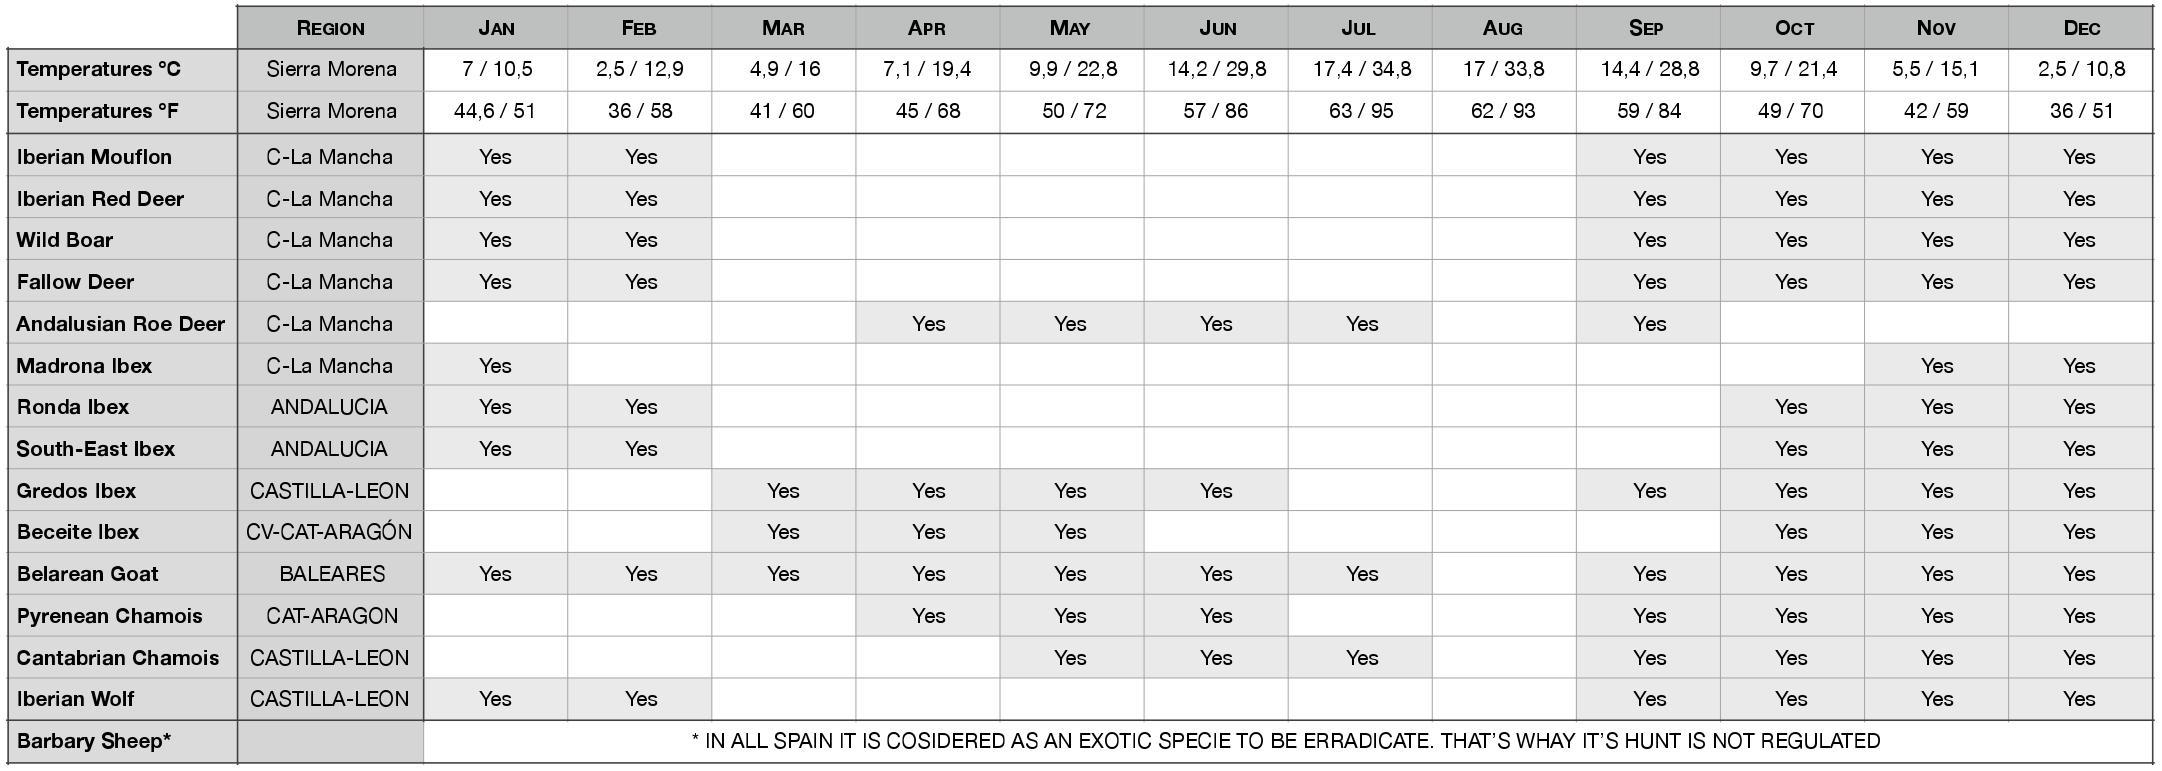 Oferta de recechos y aguardos. Calendario de vedas y temperaturas en España